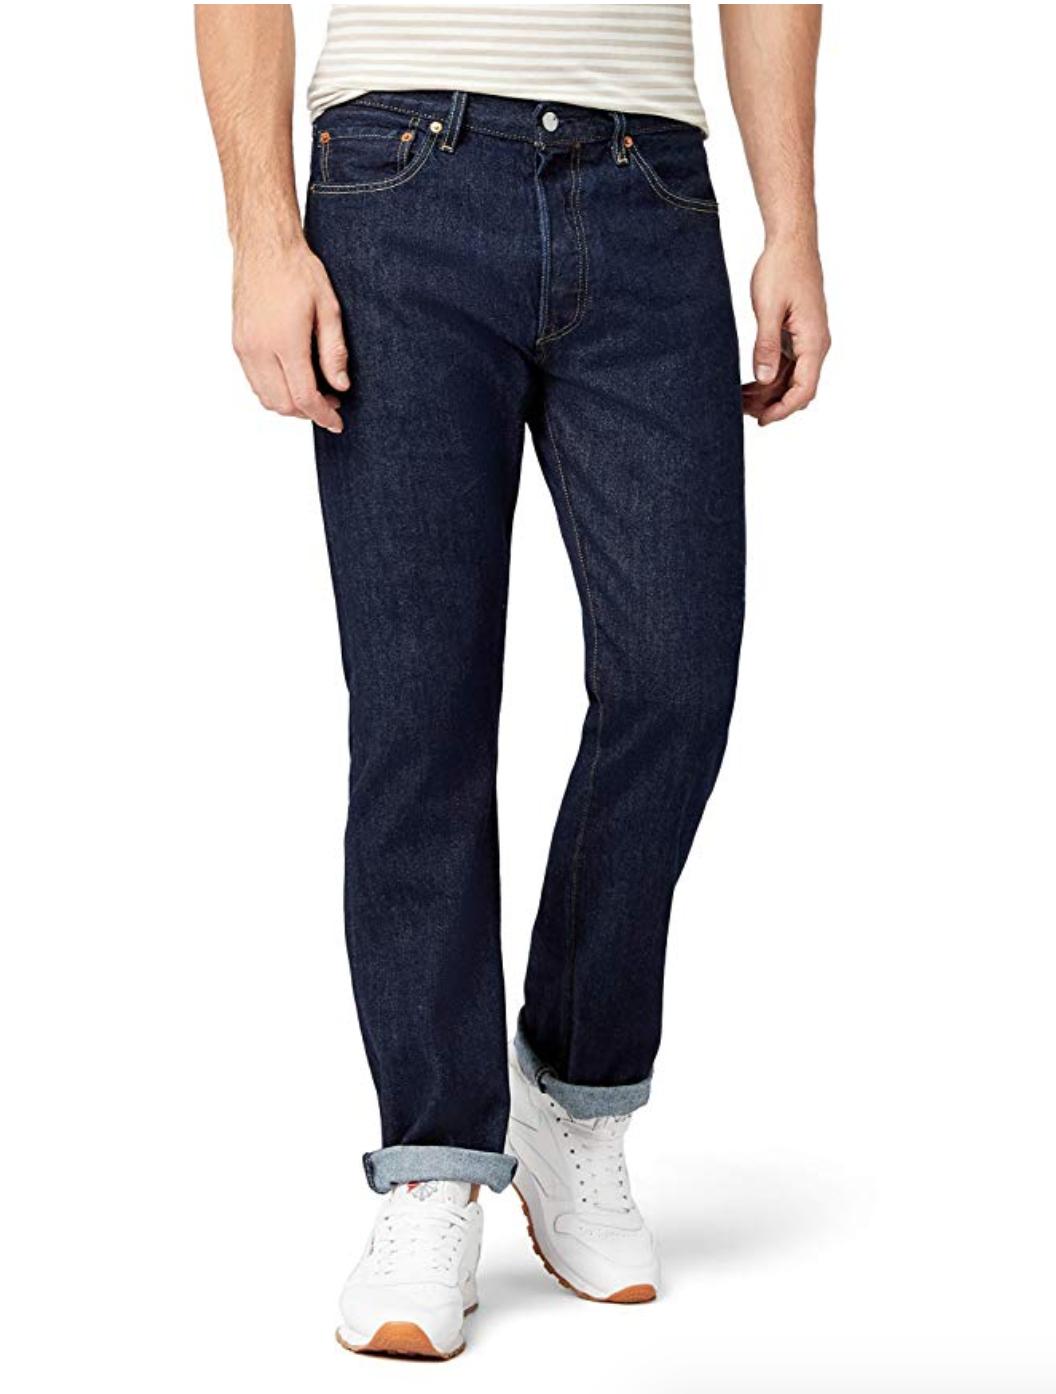 Men's 501 Original Fit Jeans - £49.99 @ Amazon